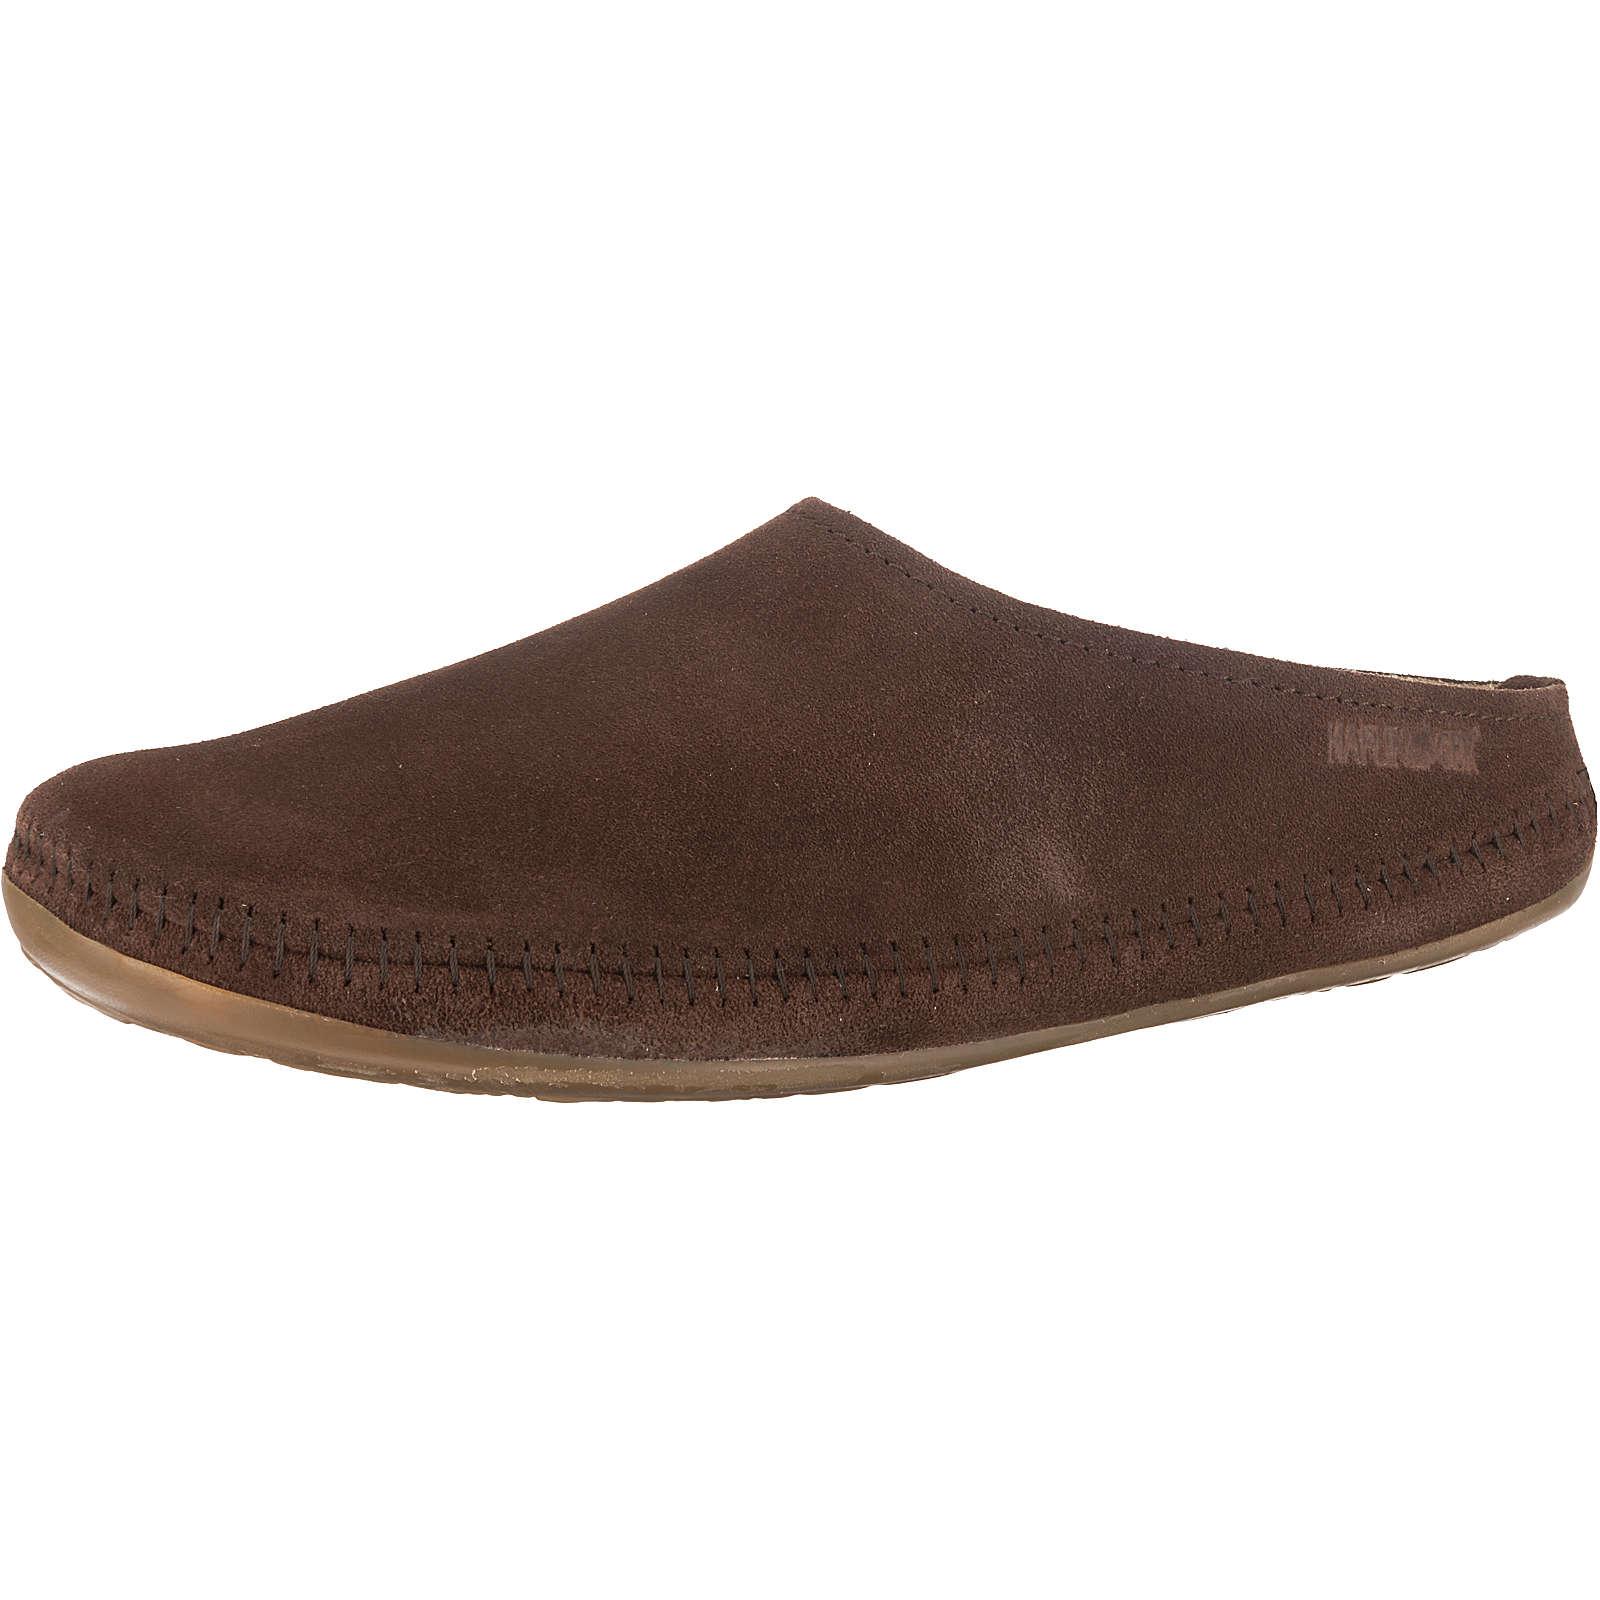 HAFLINGER Softino Pantoffeln dunkelbraun Damen Gr. 40